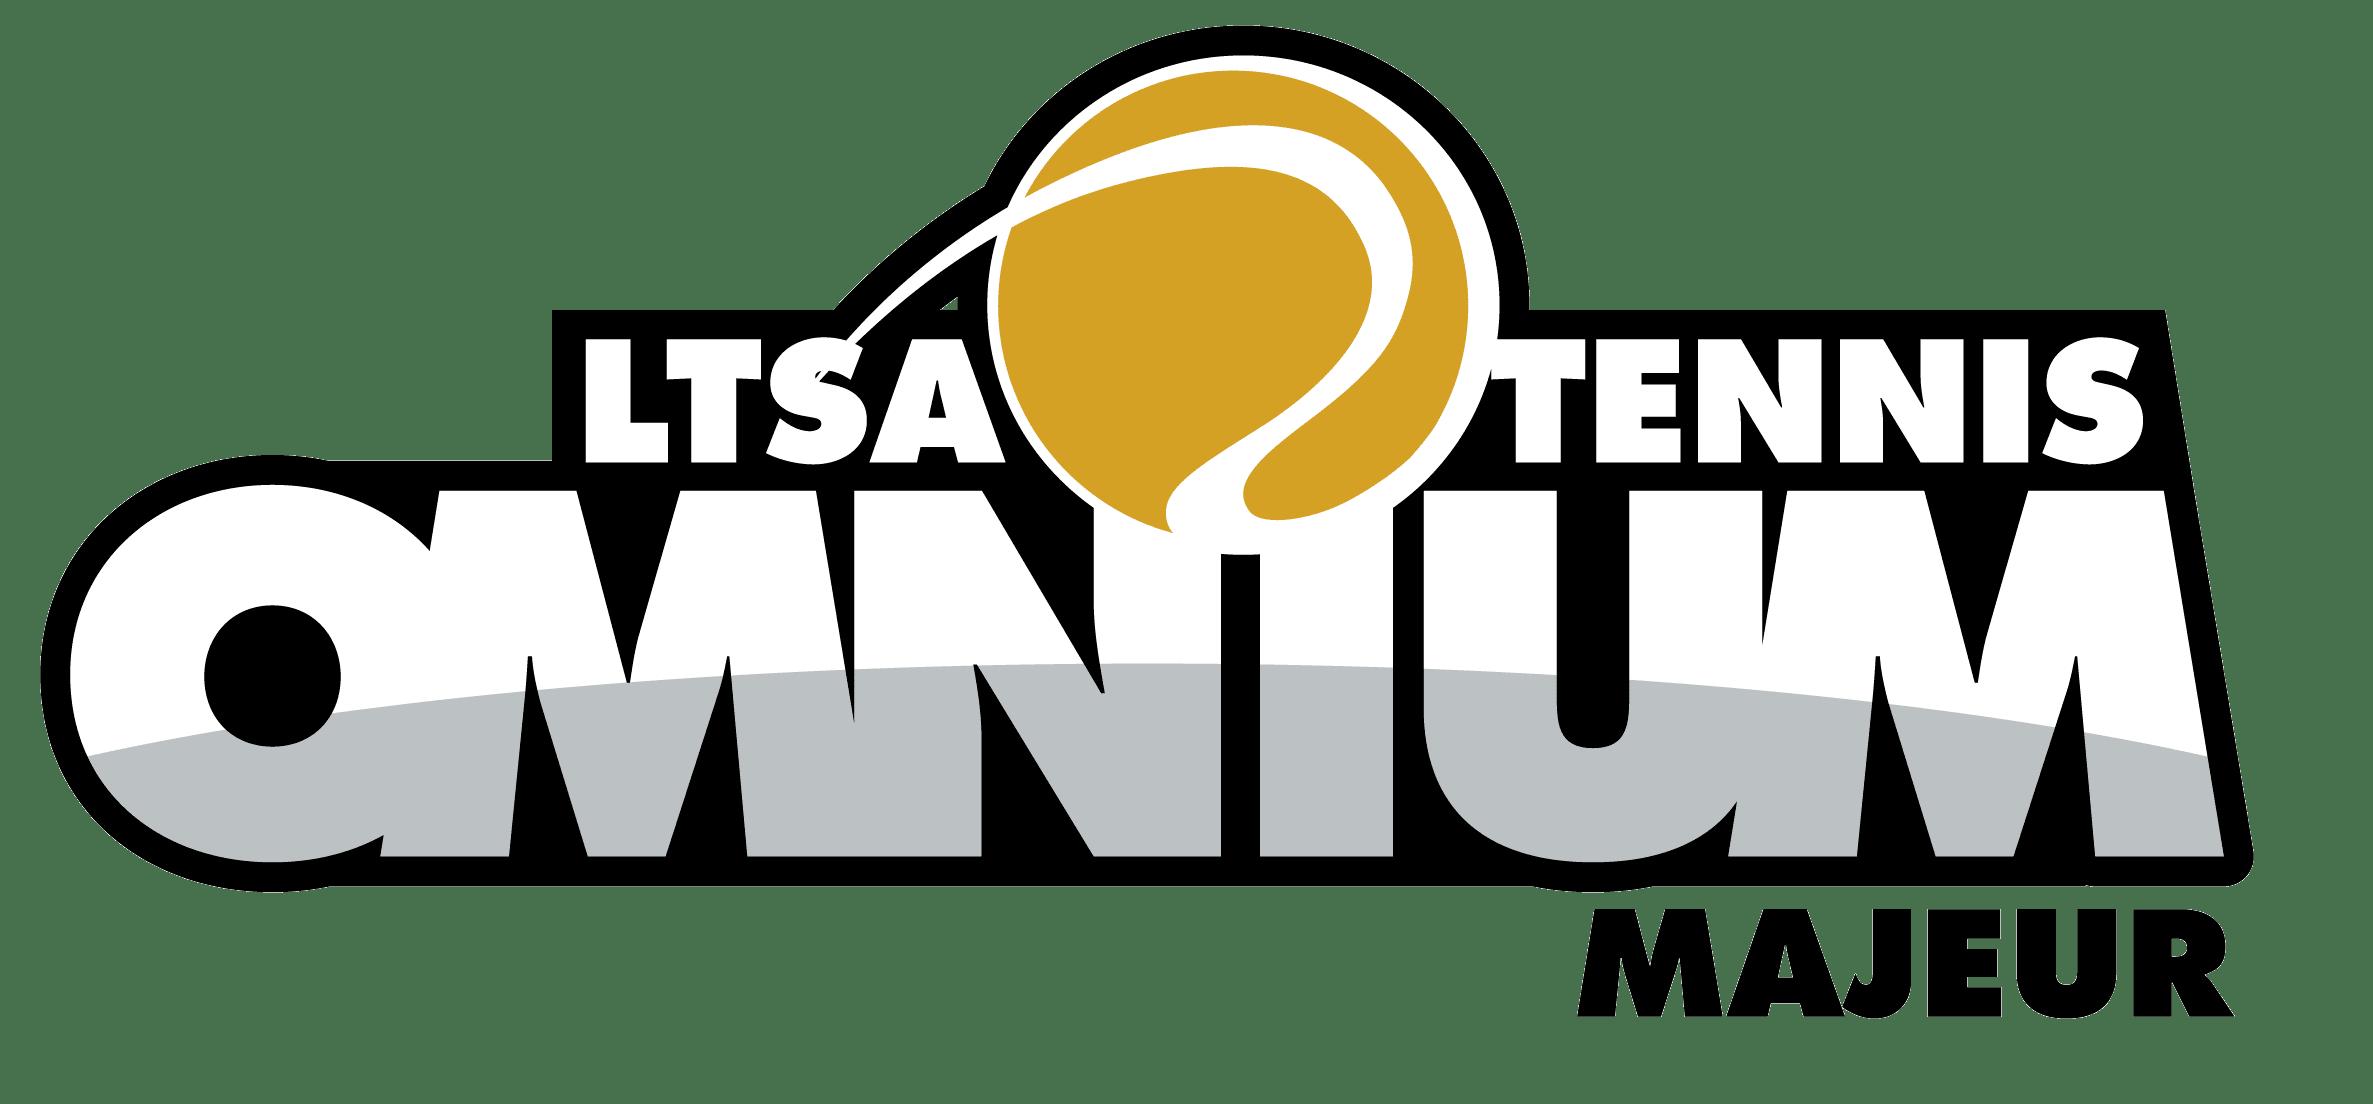 LTSA_Omnium_Majeur